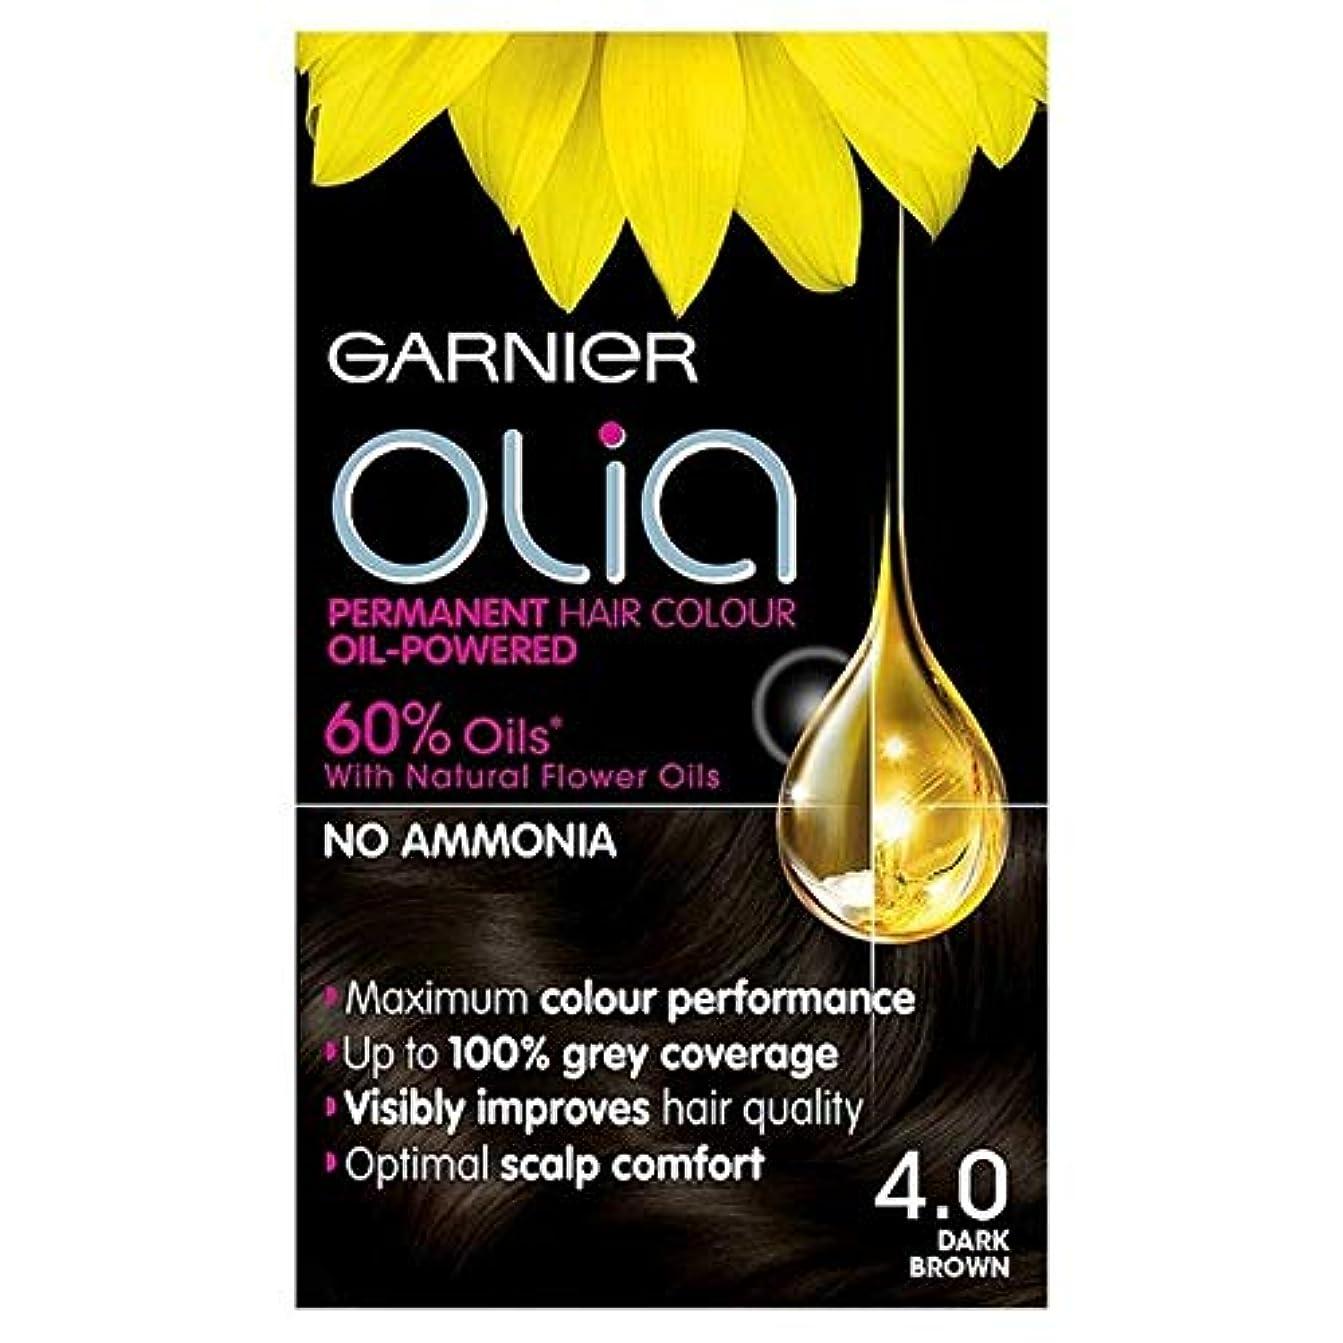 言語語強調[Garnier ] 4.0ダークブラウン永久染毛剤Oliaガルニエ - Garnier Olia 4.0 Dark Brown Permanent Hair Dye [並行輸入品]